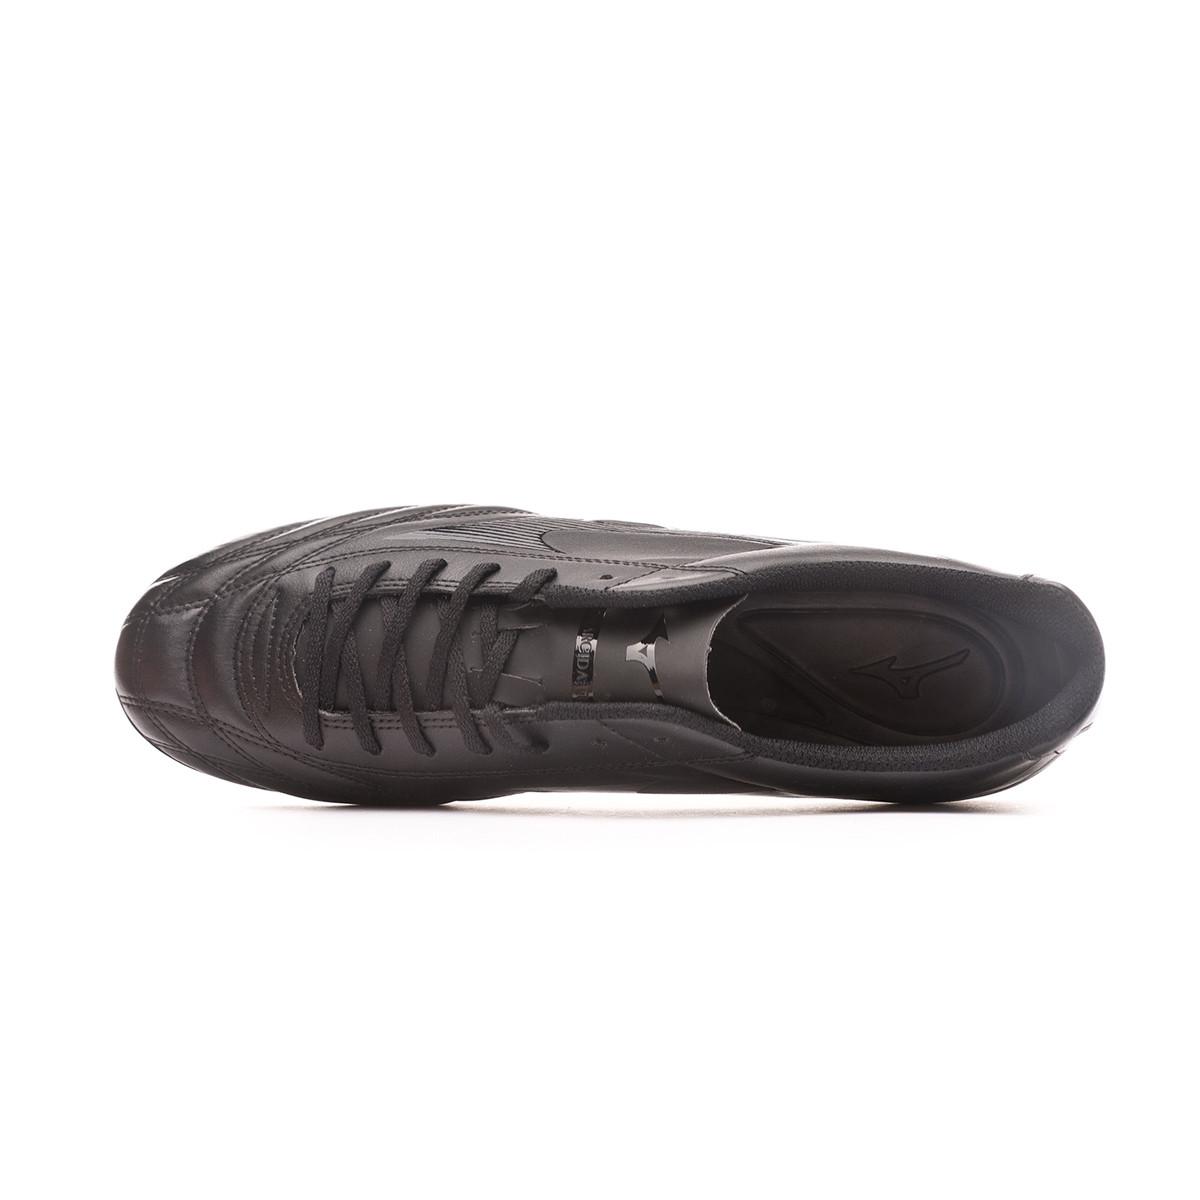 Scarpe Mizuno Monarcida Neo Select AG Black Black Negozio